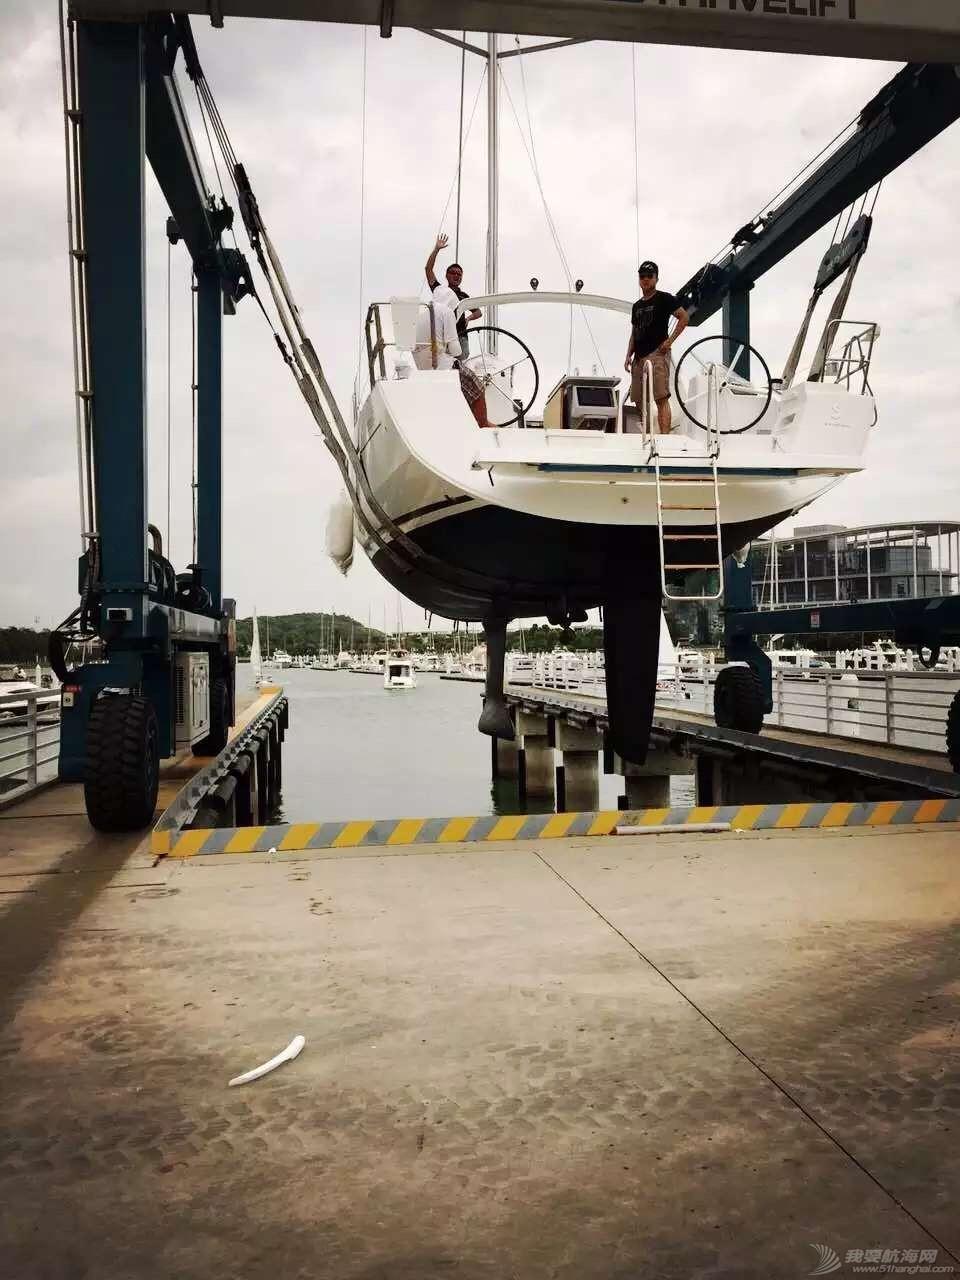 博纳多OCEANIS 45现船到港,静候未来的主人。 395295568415931725.jpg